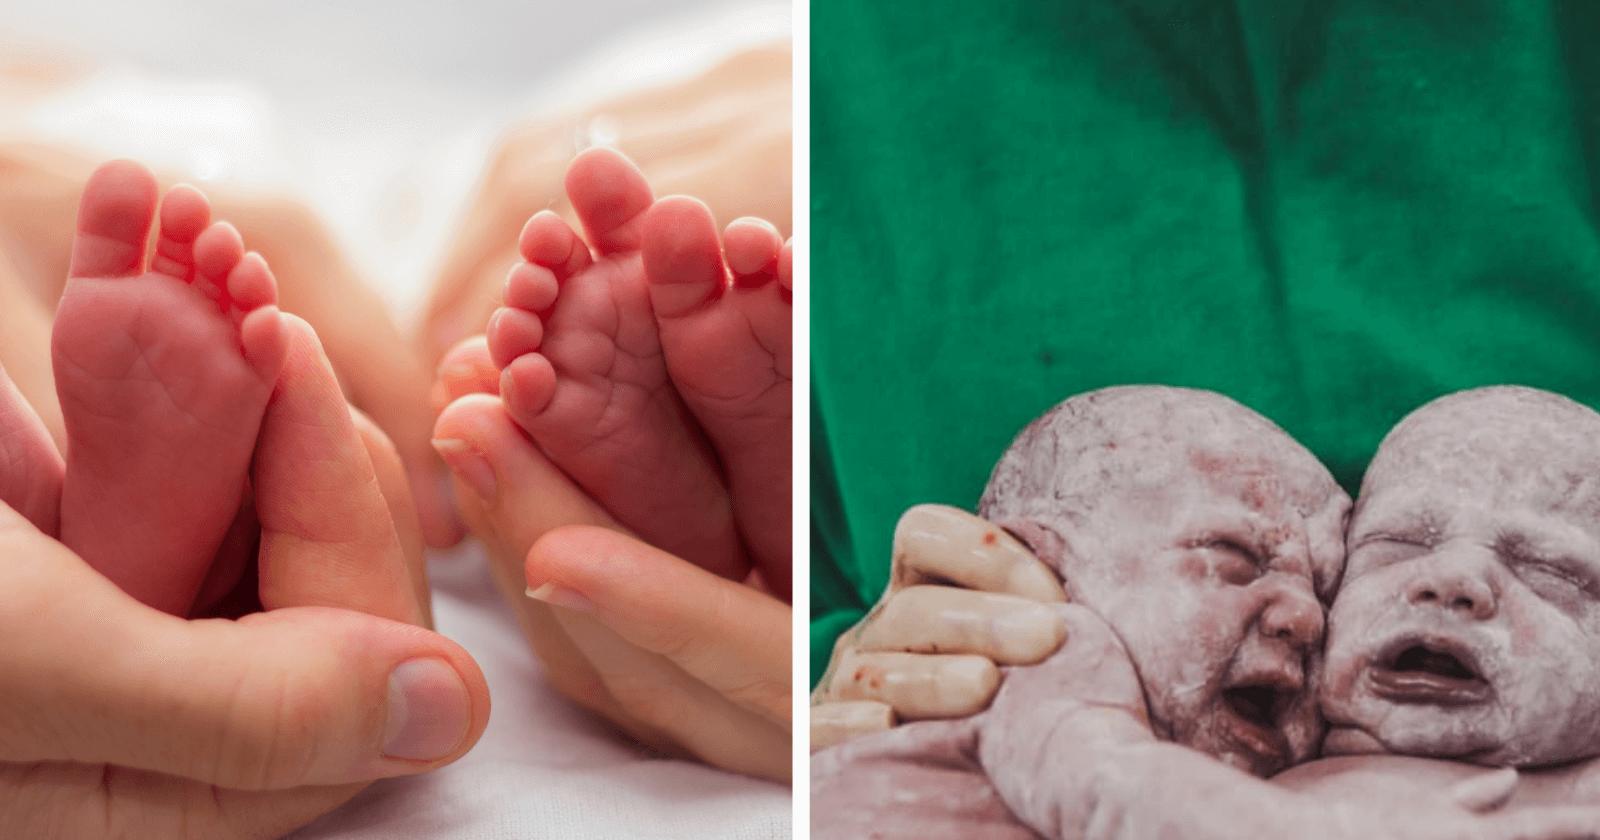 EMOCIONANTE: Gêmeas se abraçam após o nascimento e fotografia se torna viral